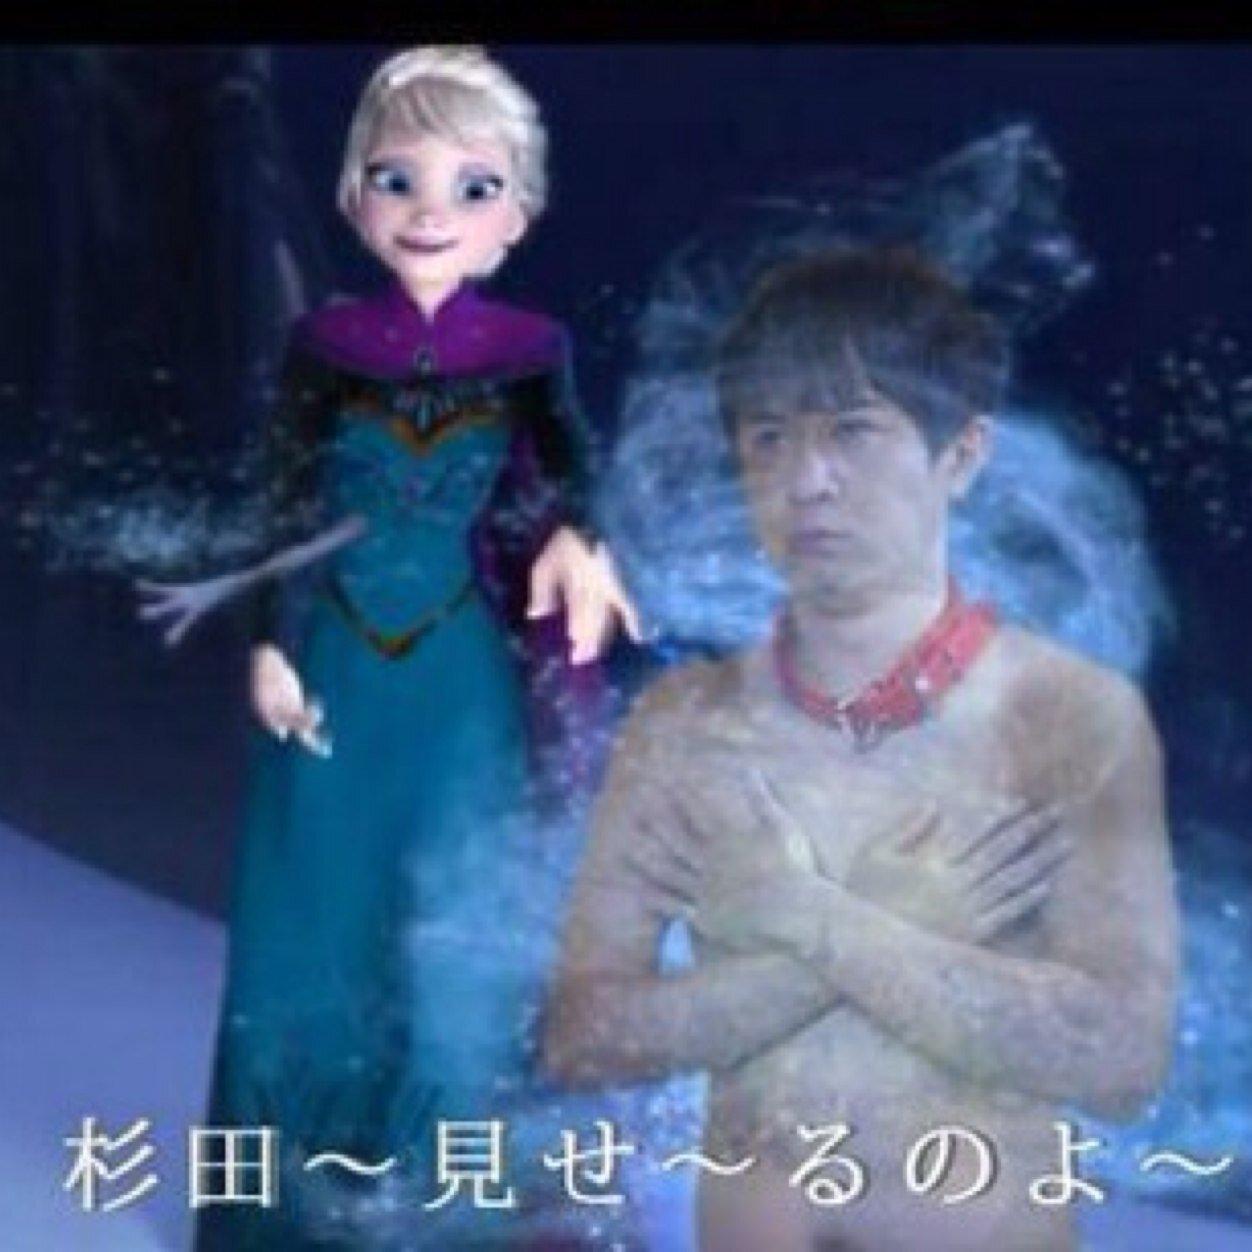 アナと雪の女王 コラ画像